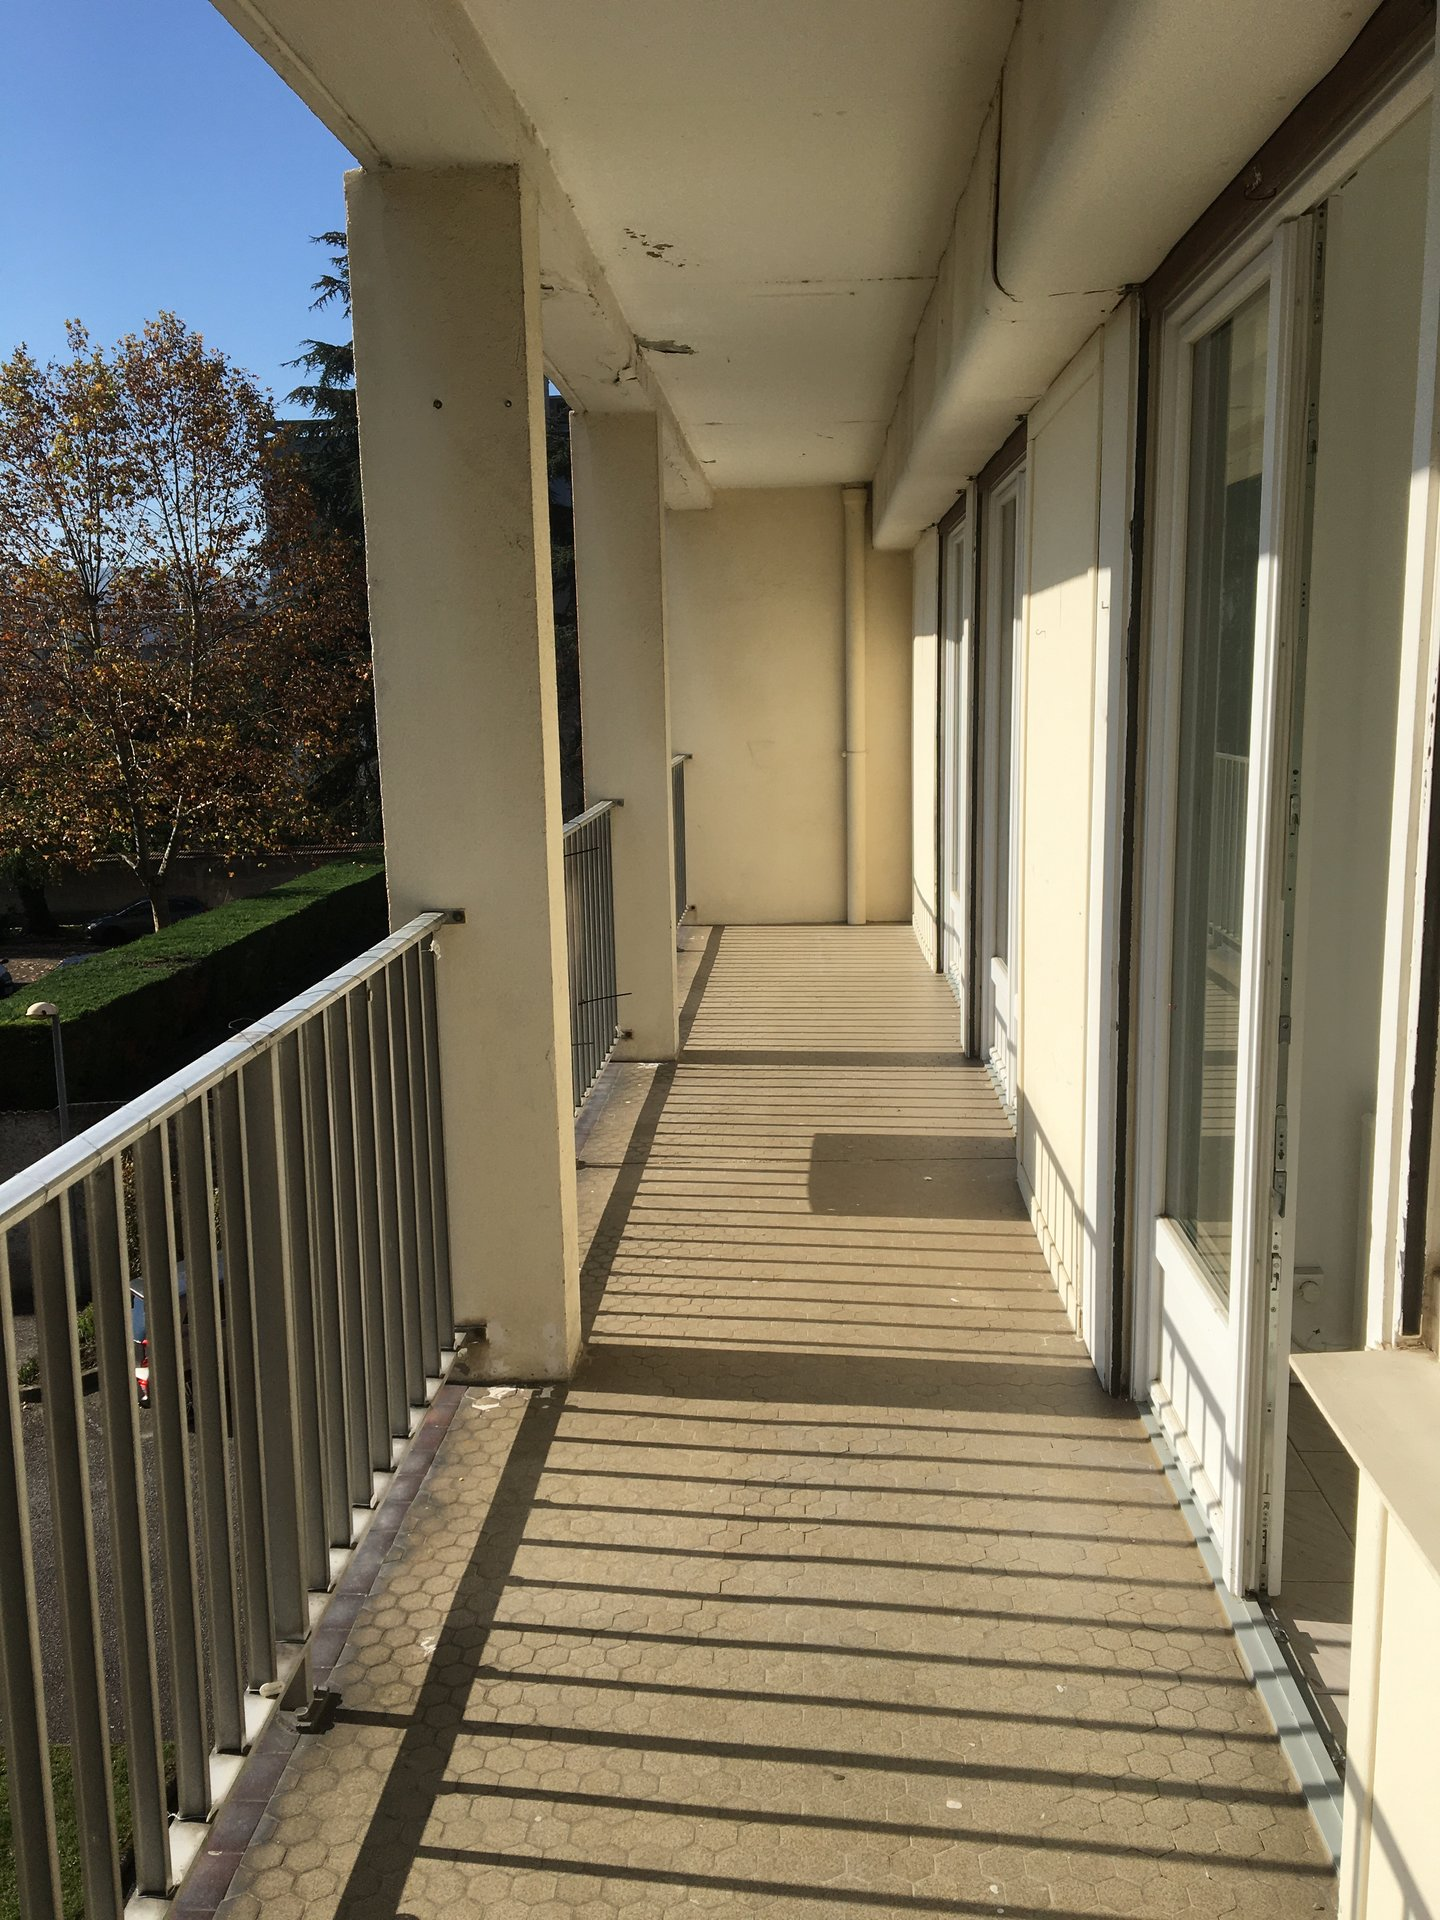 VIENNE Nord, Appartement T4 de 84 m² avec balcon, cave et parking.